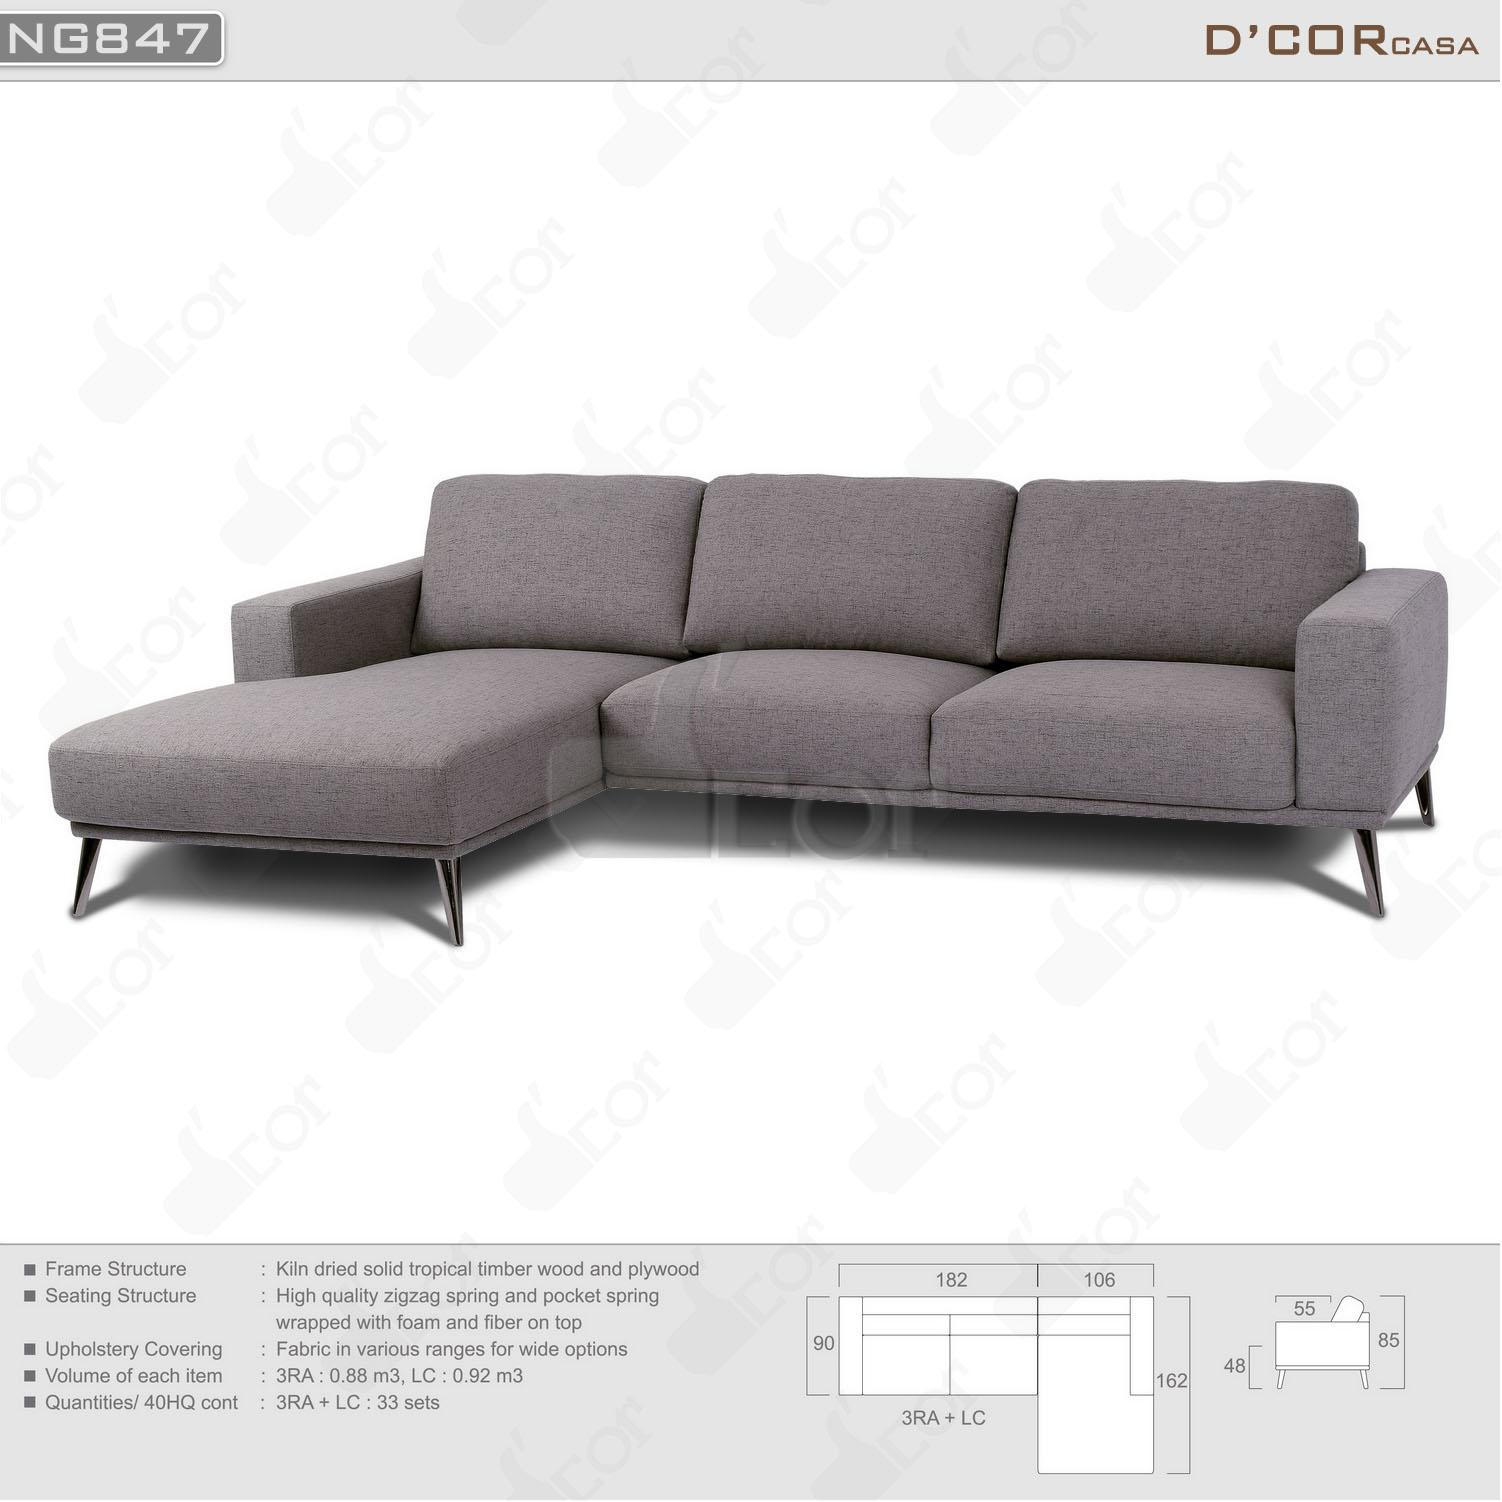 Mẫu sofa Malaysia góc nỉ đẹp trang nhã- NG847.